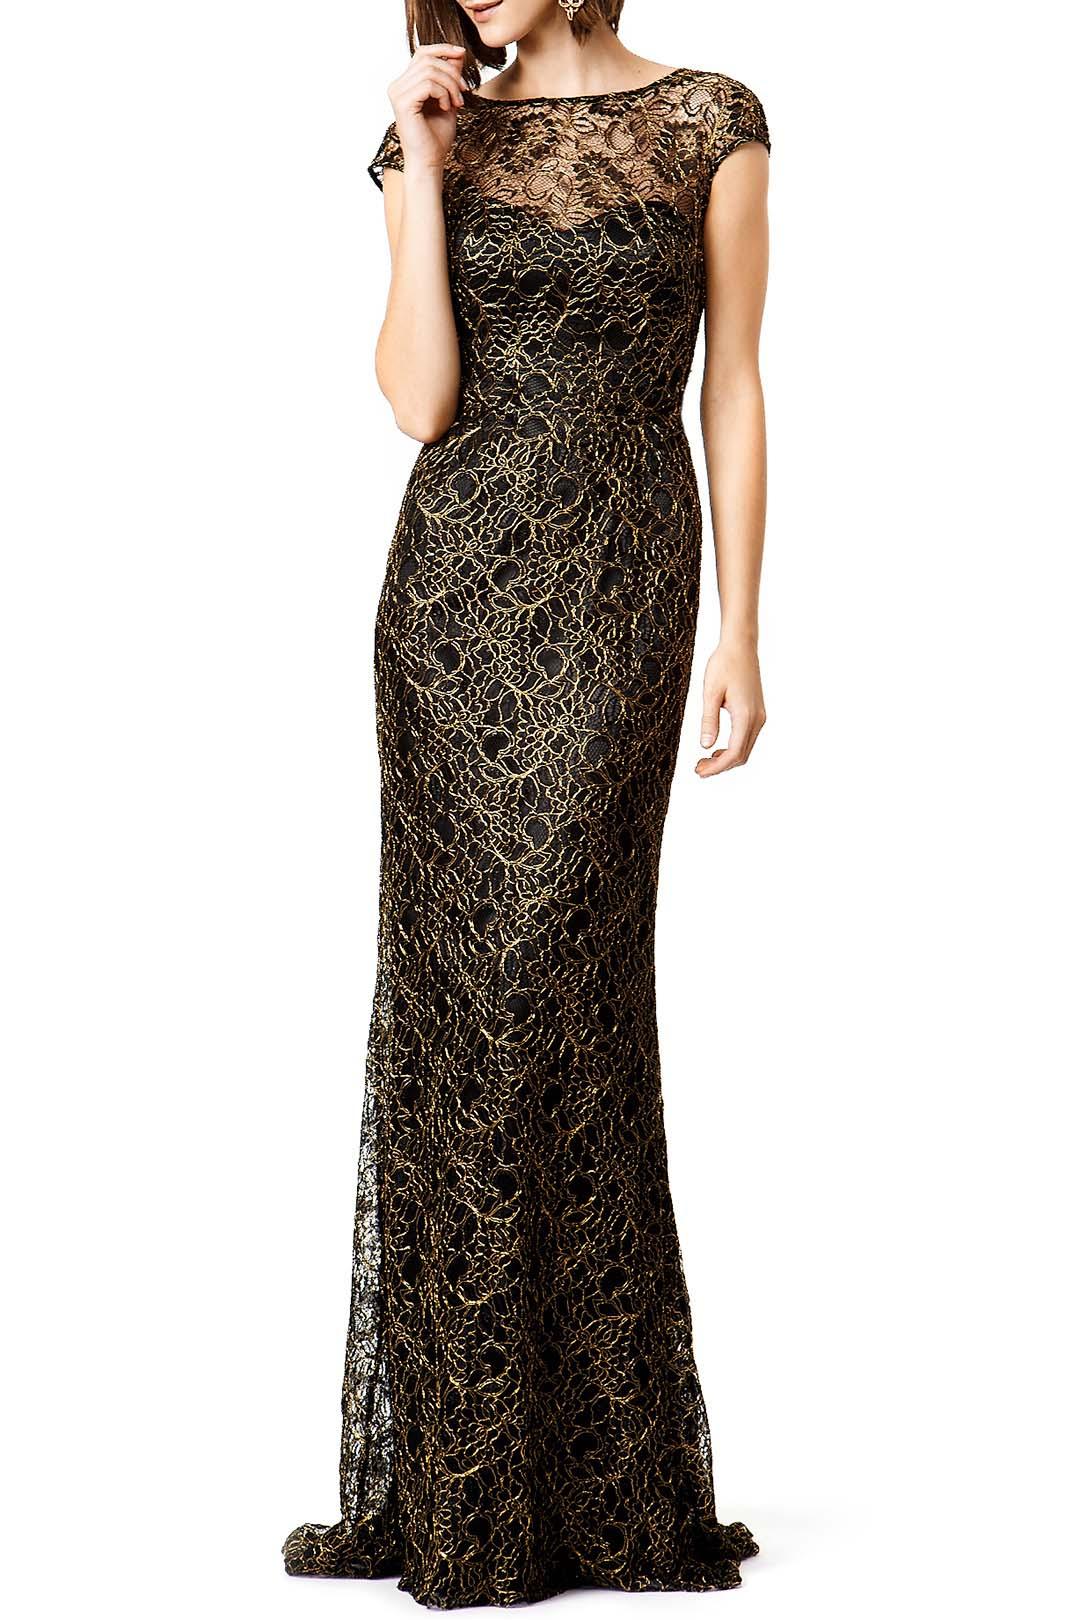 theia edinburgh ball gown